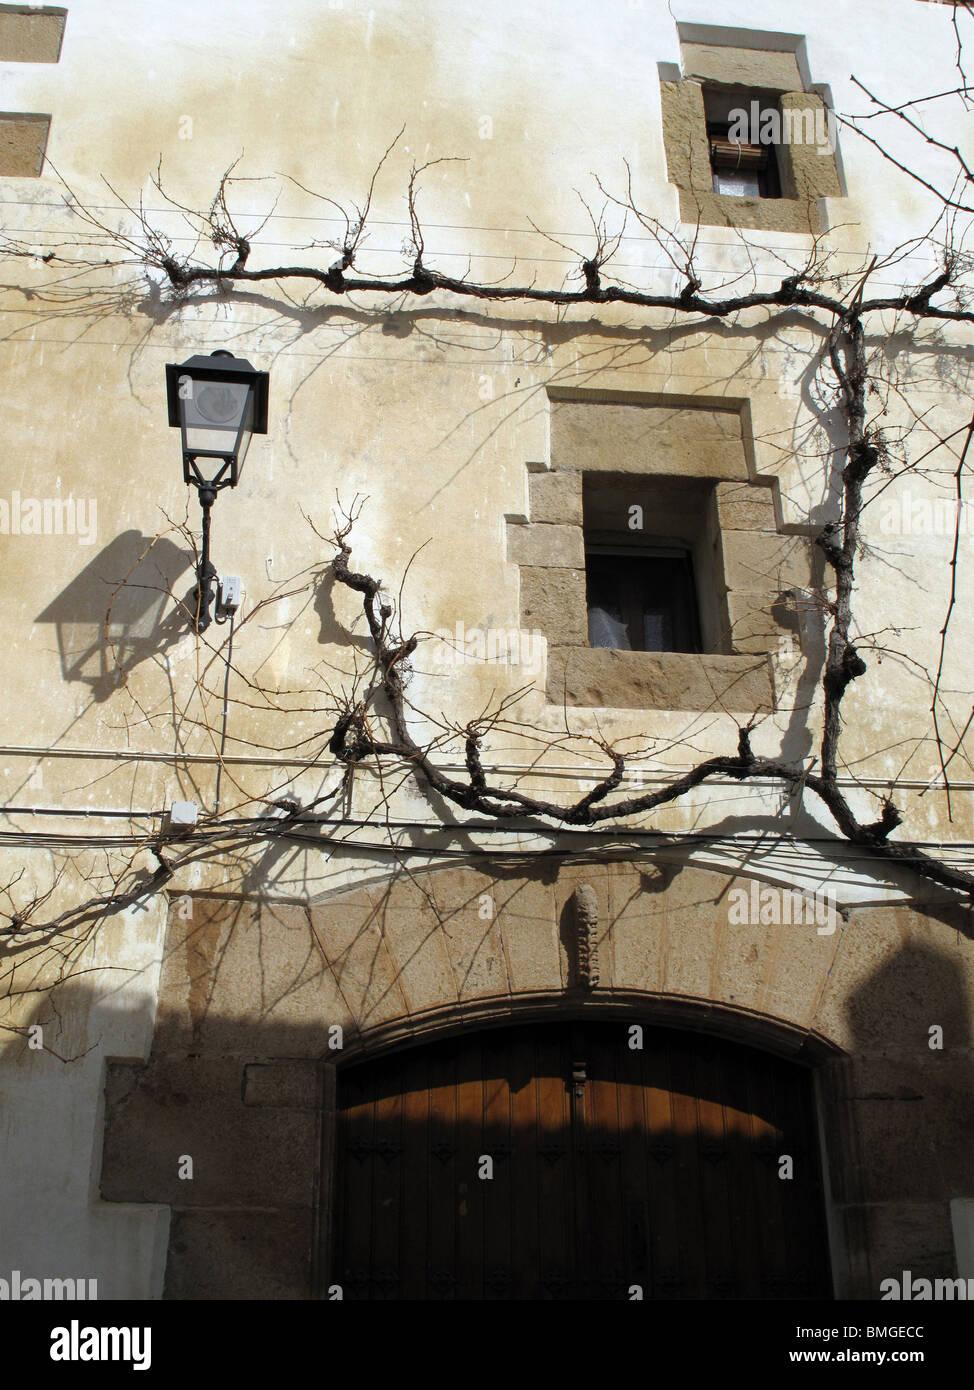 Cirauqui. Navarra. España. CAMINO DE SANTIAGO. Cirauqui. Navarre. Spain. WAY OF ST JAMES. - Stock Image